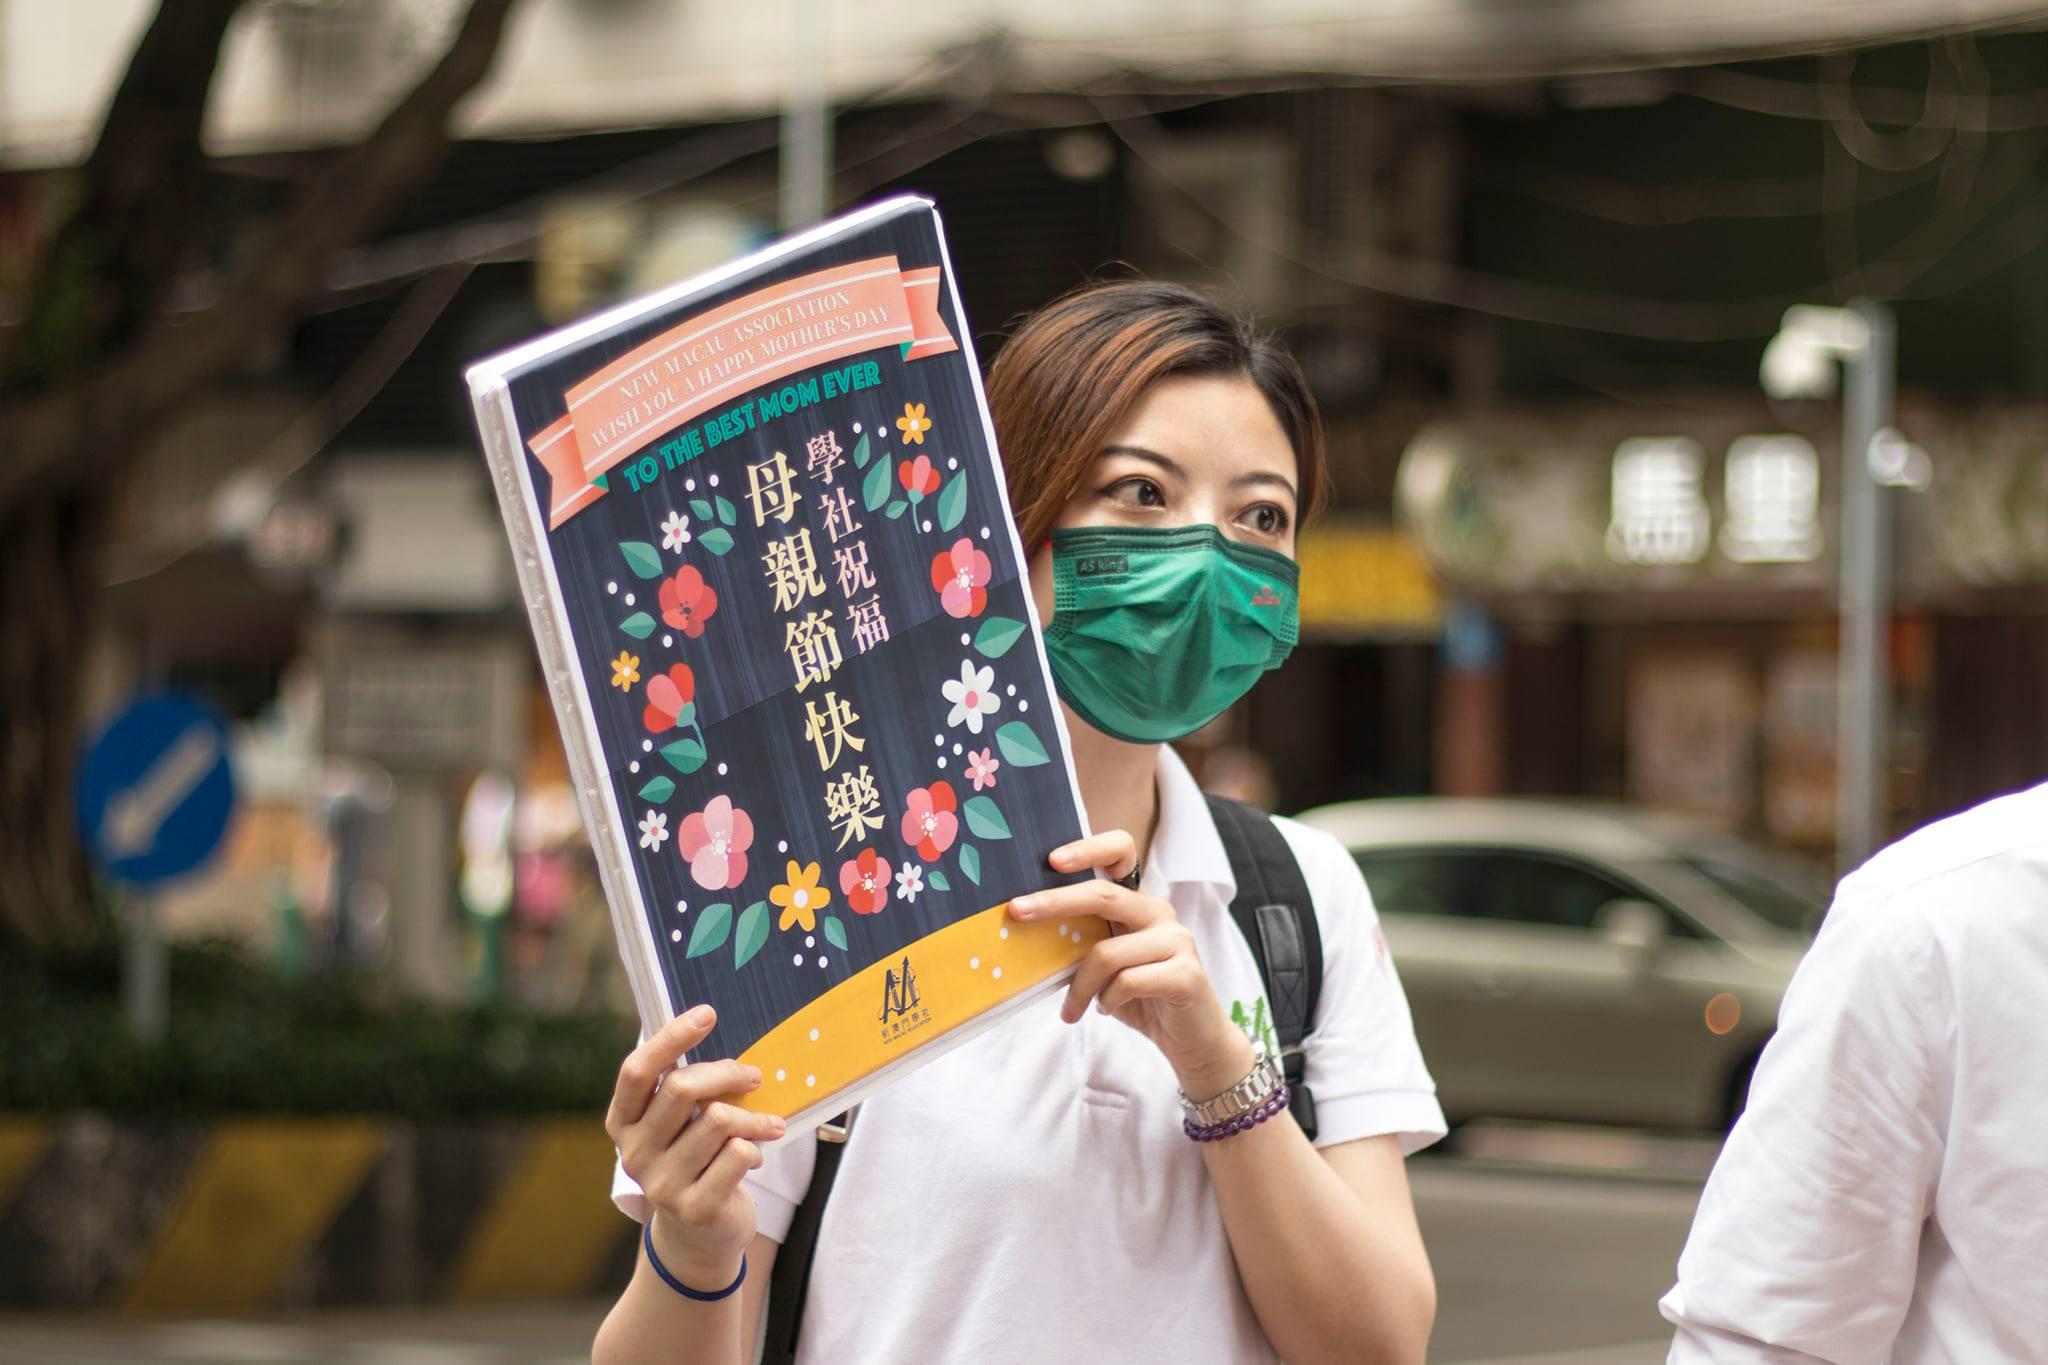 Dia da mãe | Alertas para lacunas legais e pressões da pandemia